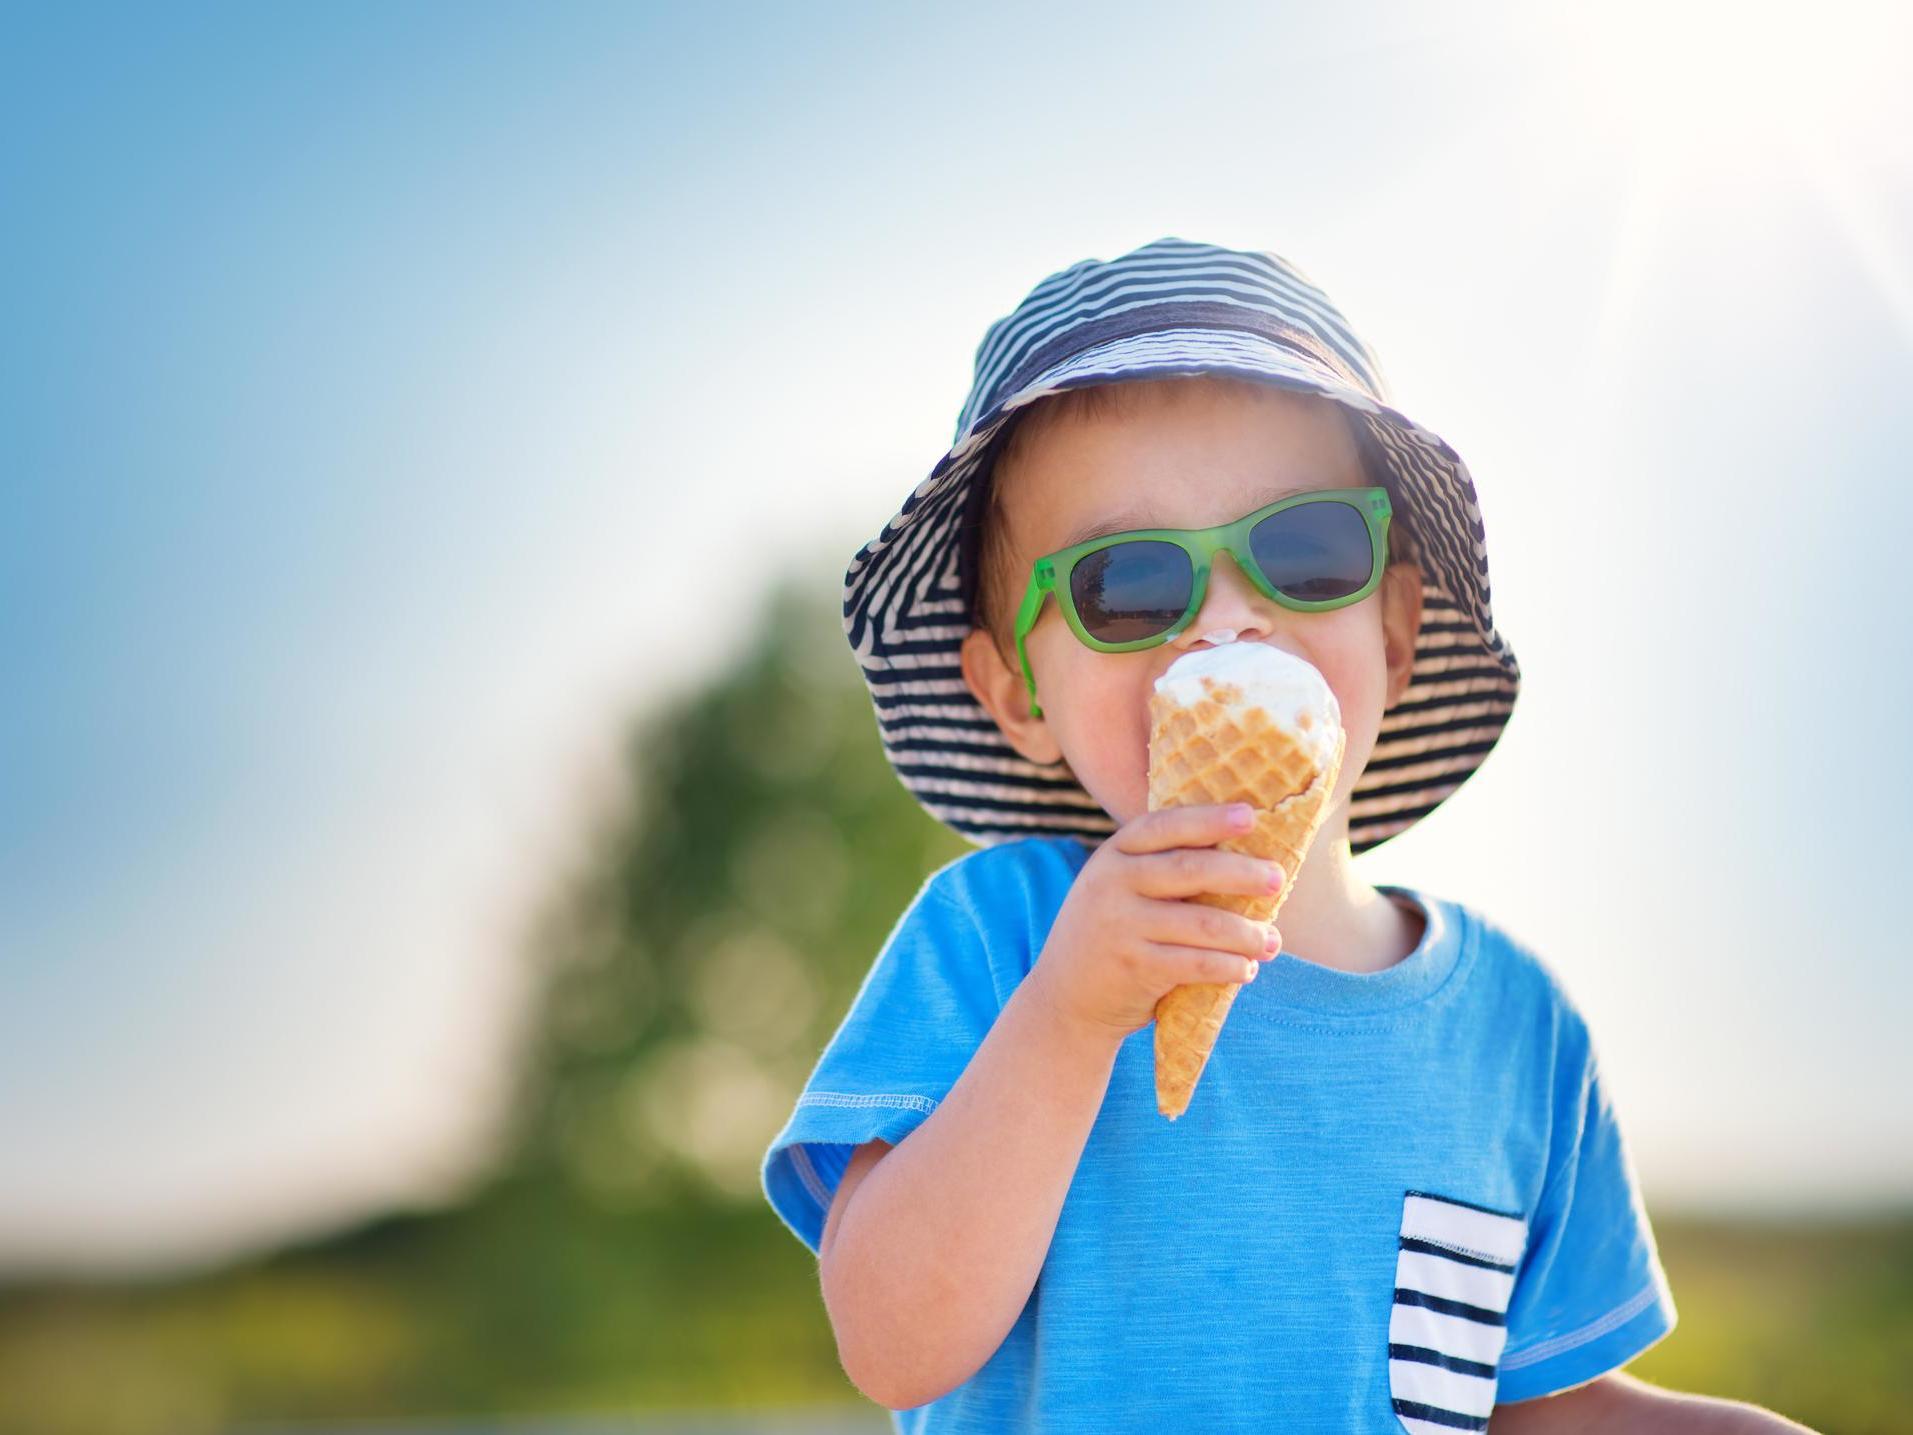 c78e5dc15f Majority of parents 'say sunglasses should be part of school uniform'